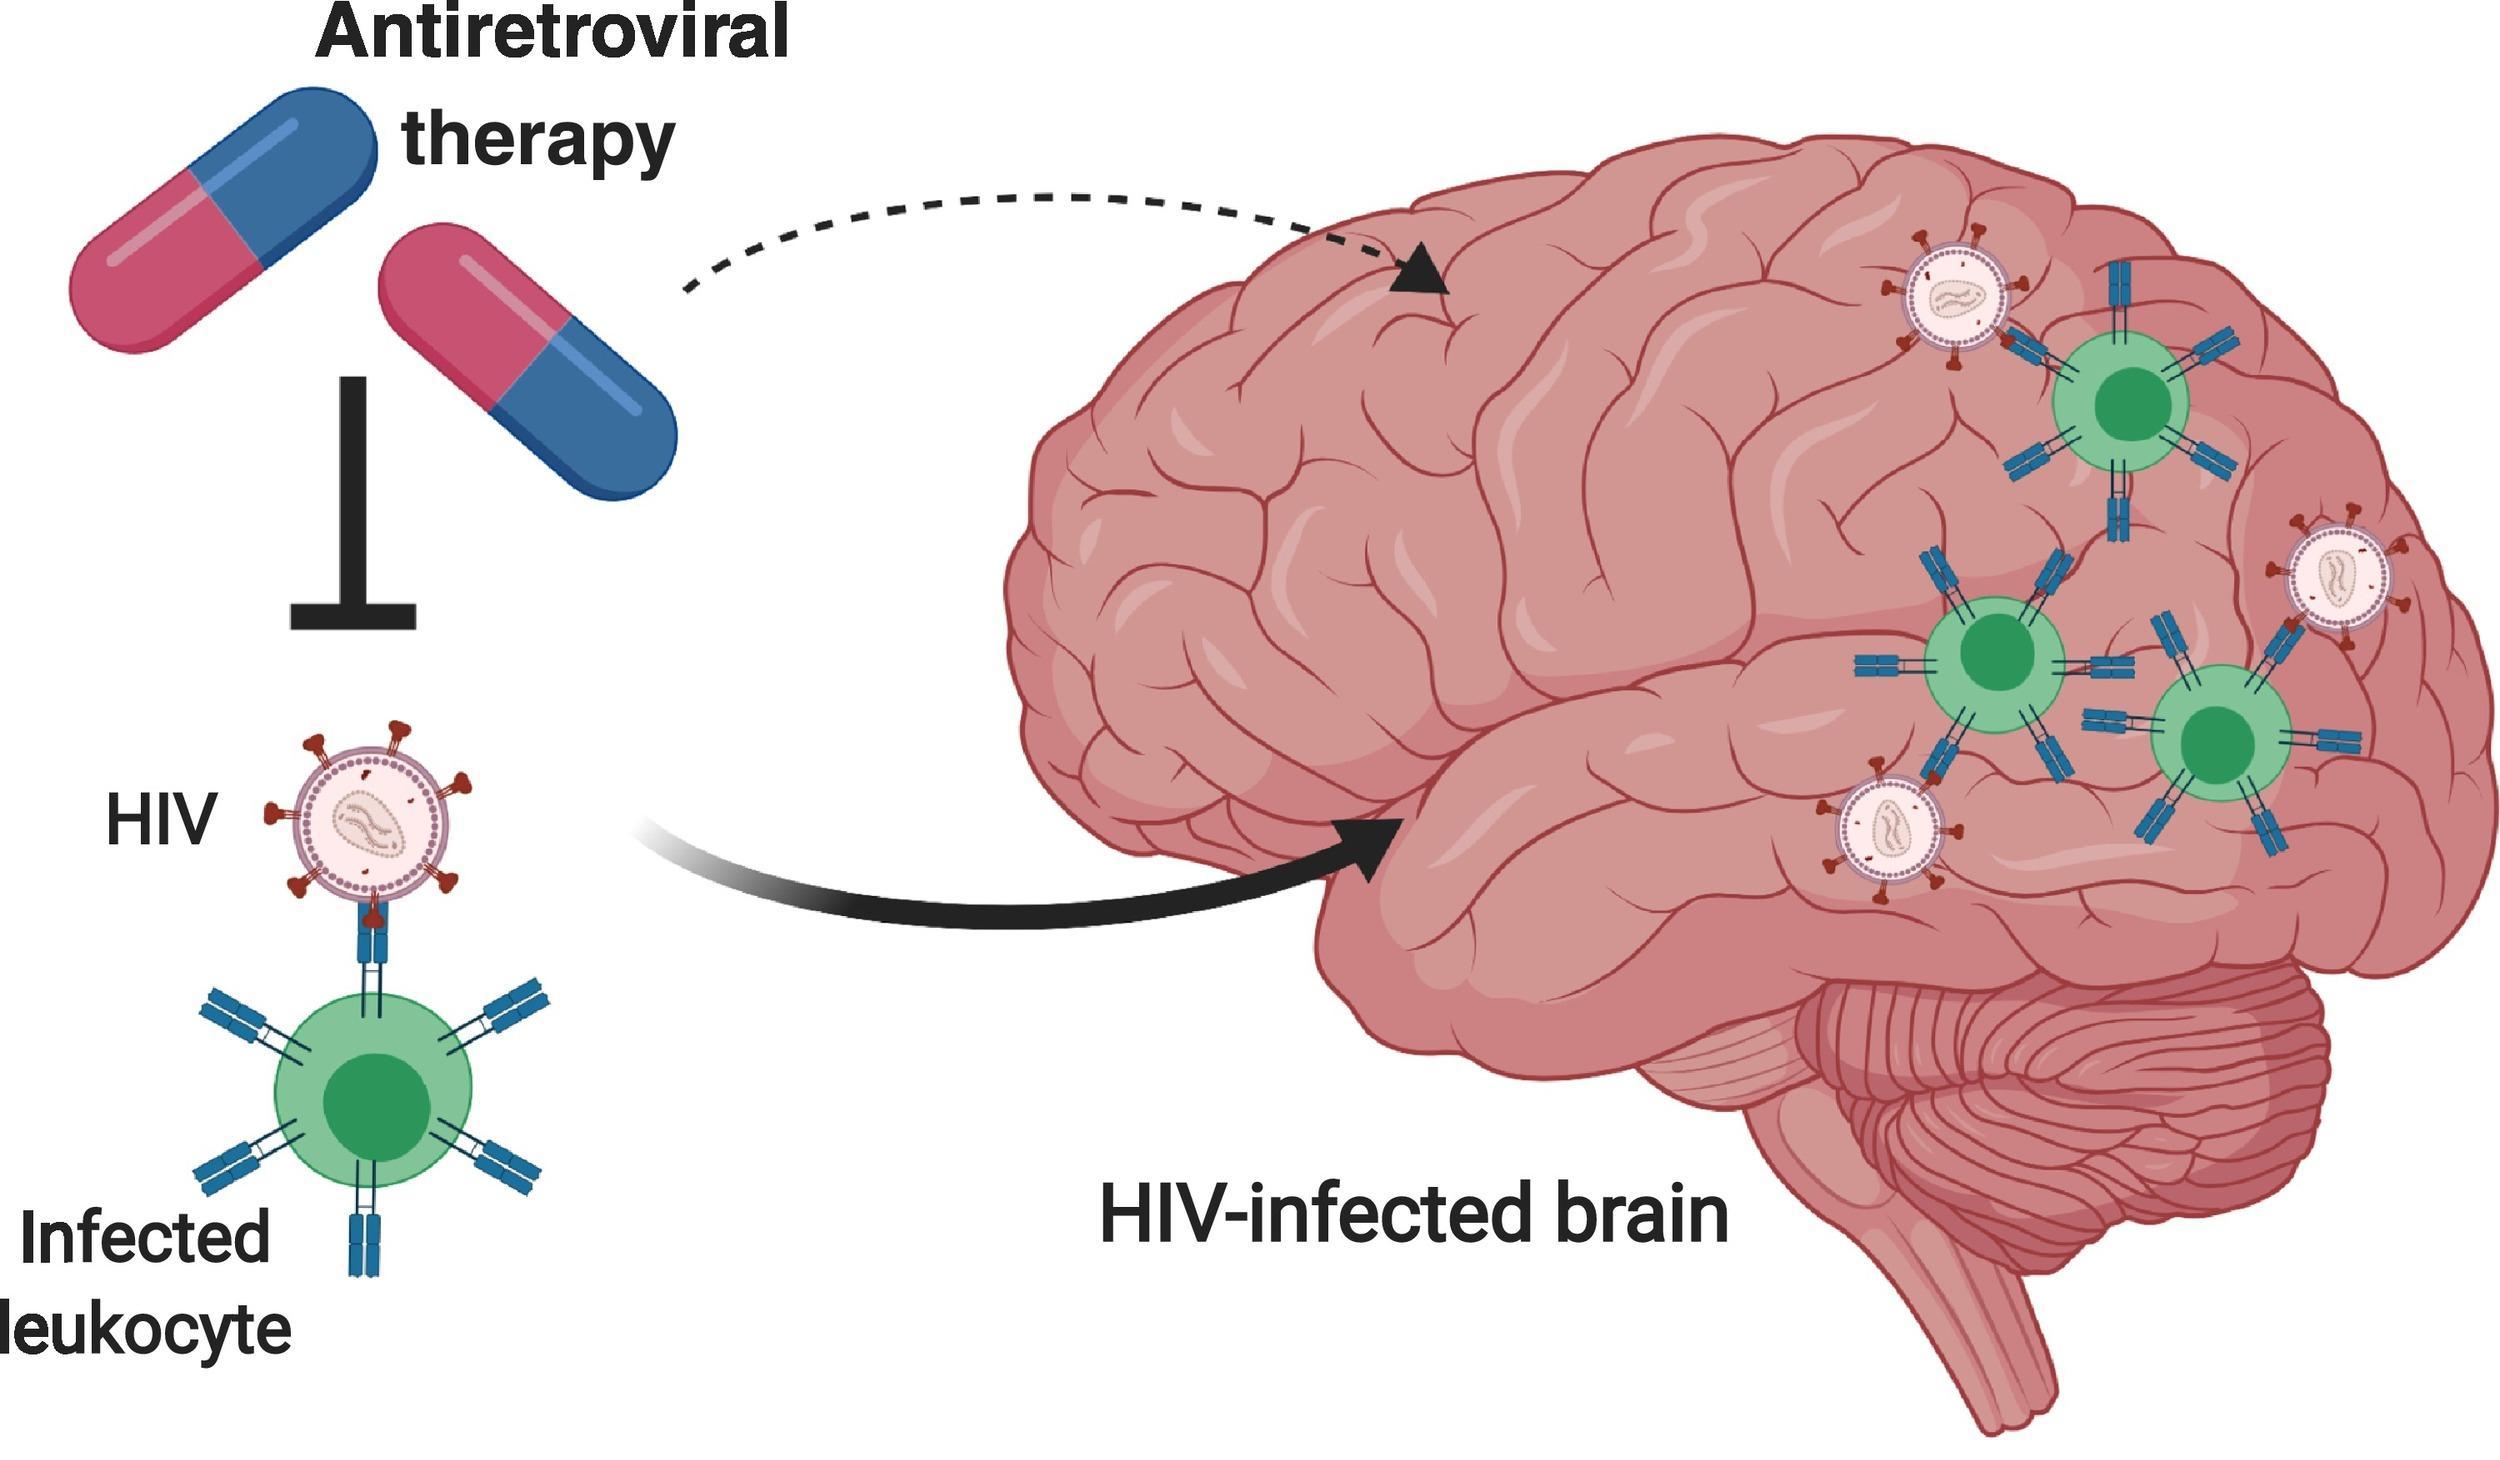 У пациентов с ВИЧ обнаружили уменьшение отделов мозга, отвечающих за память и поведение